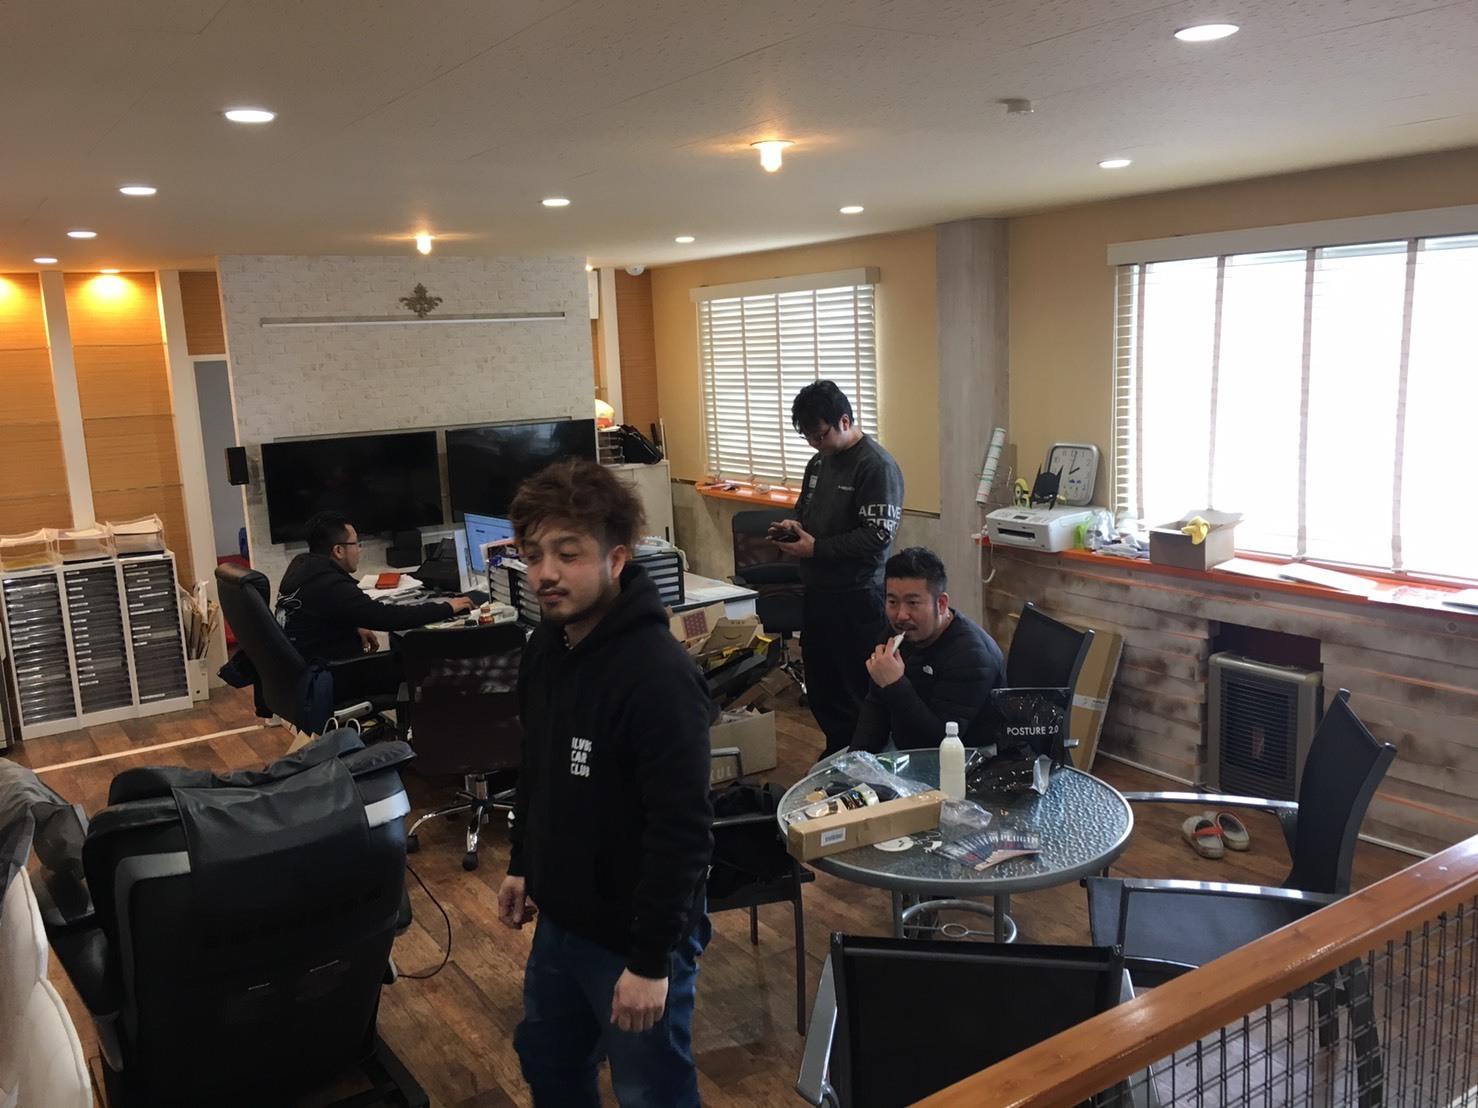 12月27日(水)トミーベース カスタムブログ☆LS600撮影開始!!サンタは大忙し!_b0127002_23340850.jpg